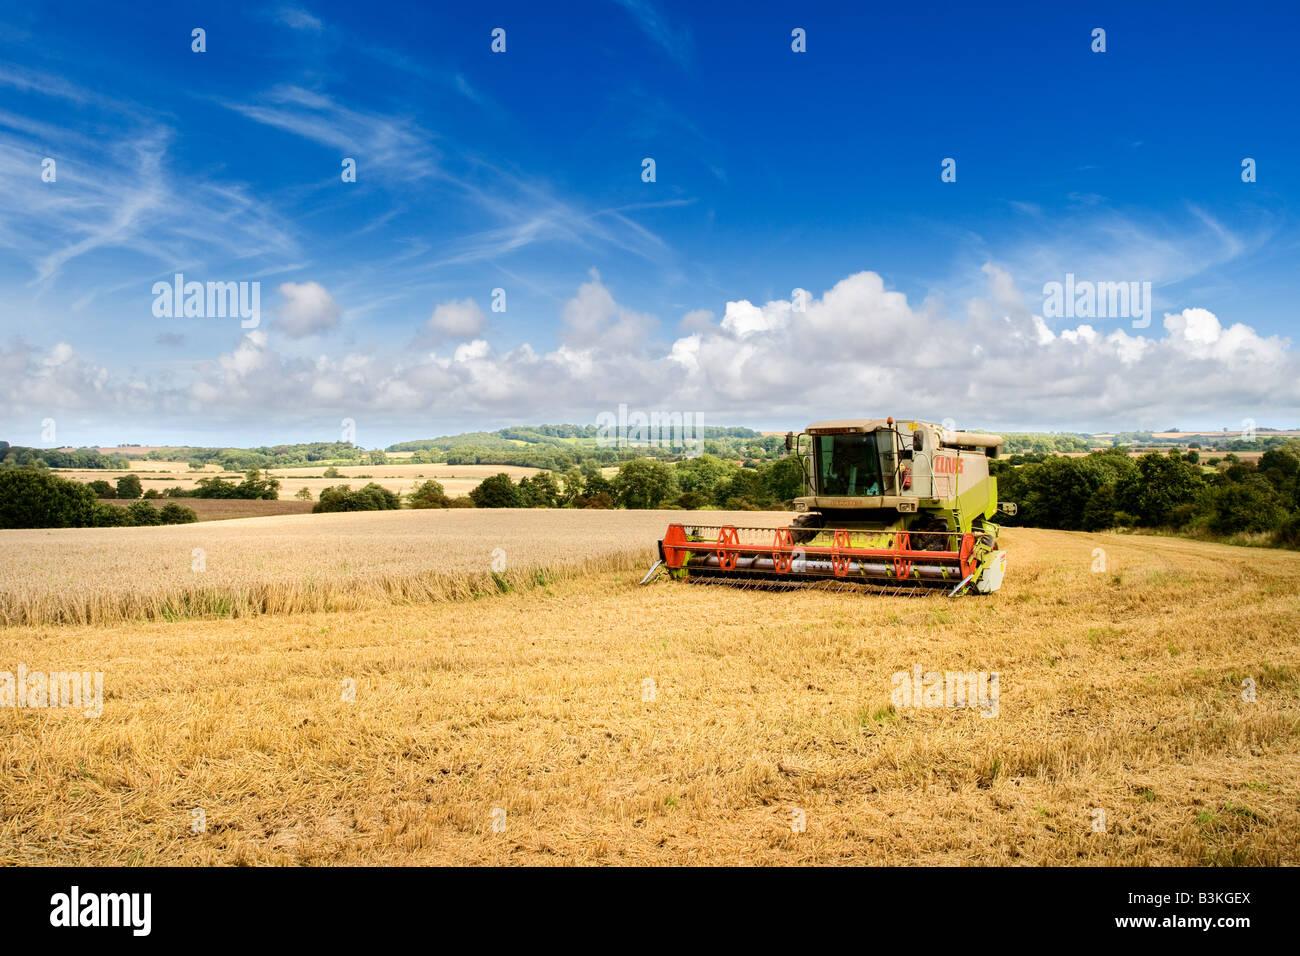 Campo de trigo a finales del verano con la cosechadora, la agricultura en el Lincolnshire Wolds, REINO UNIDO Imagen De Stock